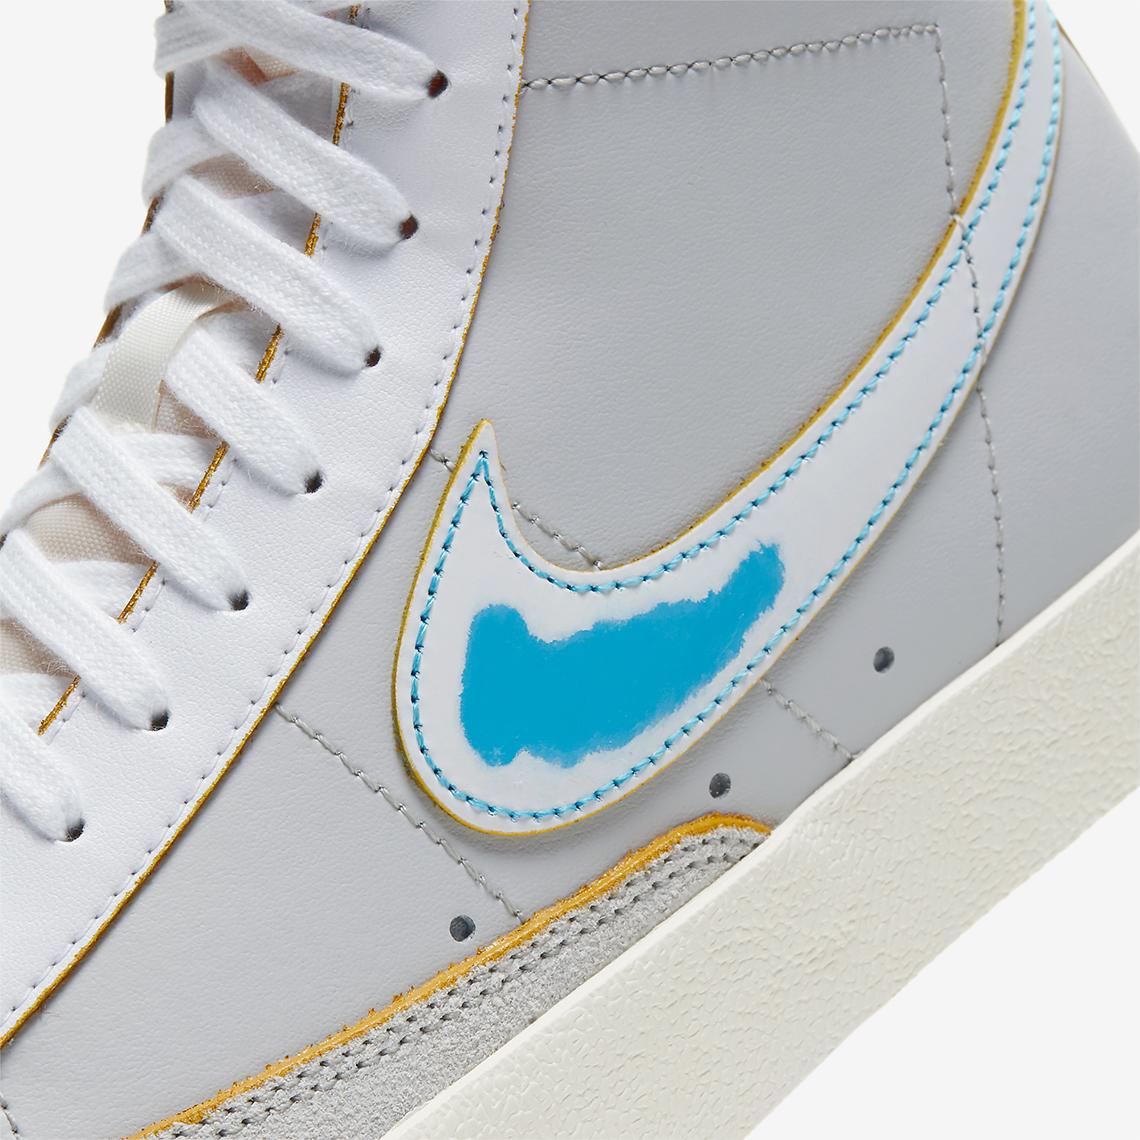 Nike Blazer Mid The New Way DC5203-100   SneakerNews.com